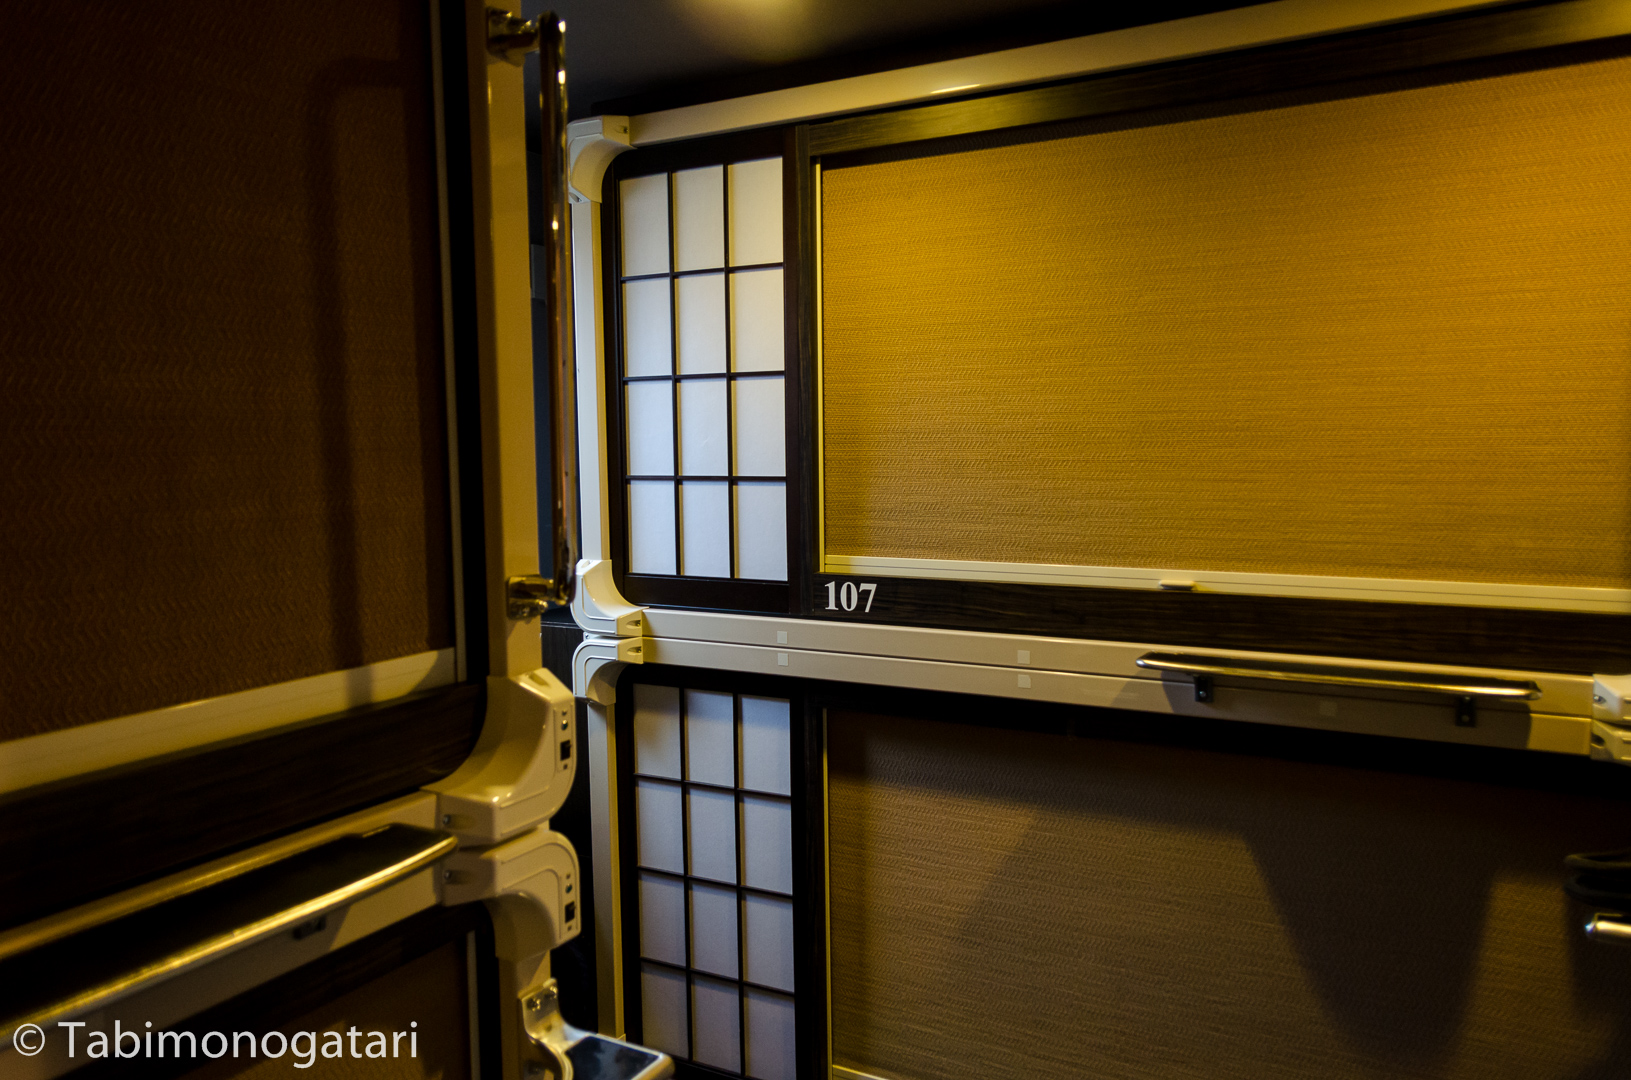 Kyoto - Tabimonogatari - 旅物語